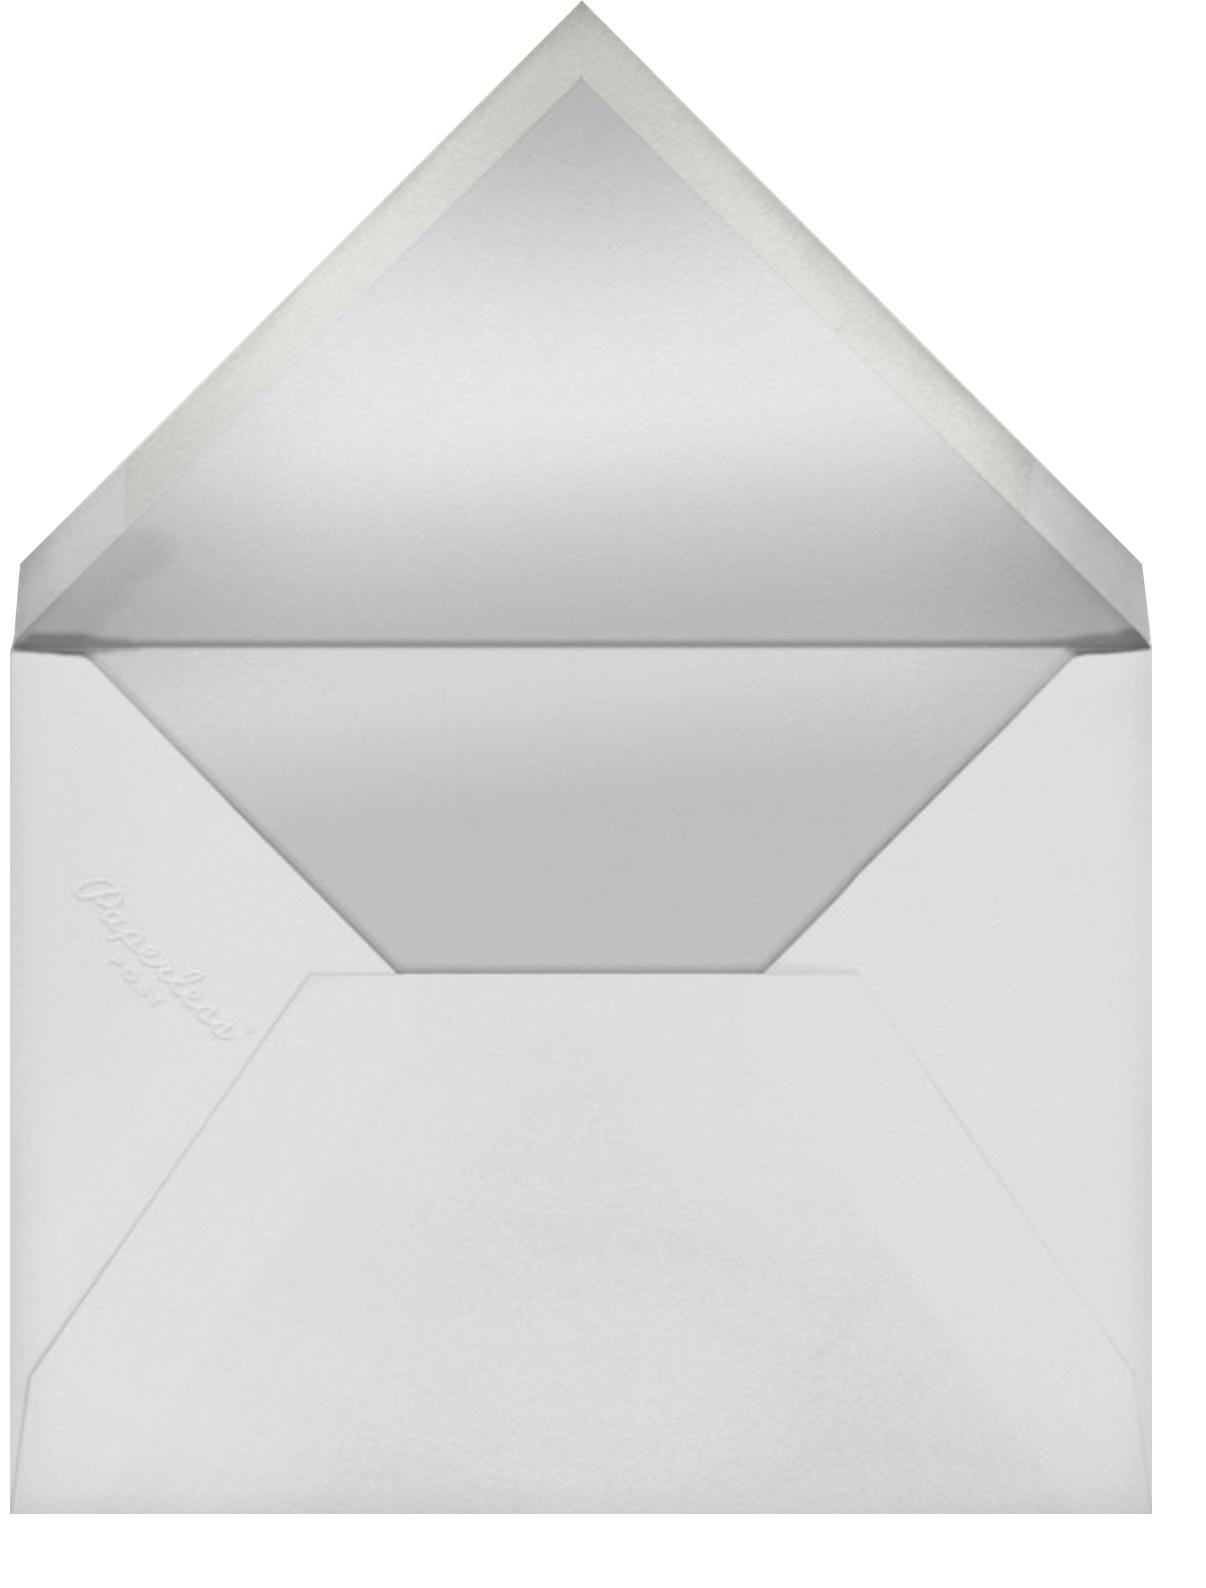 Full Bleed Heart (Pink) - Paperless Post - Envelope